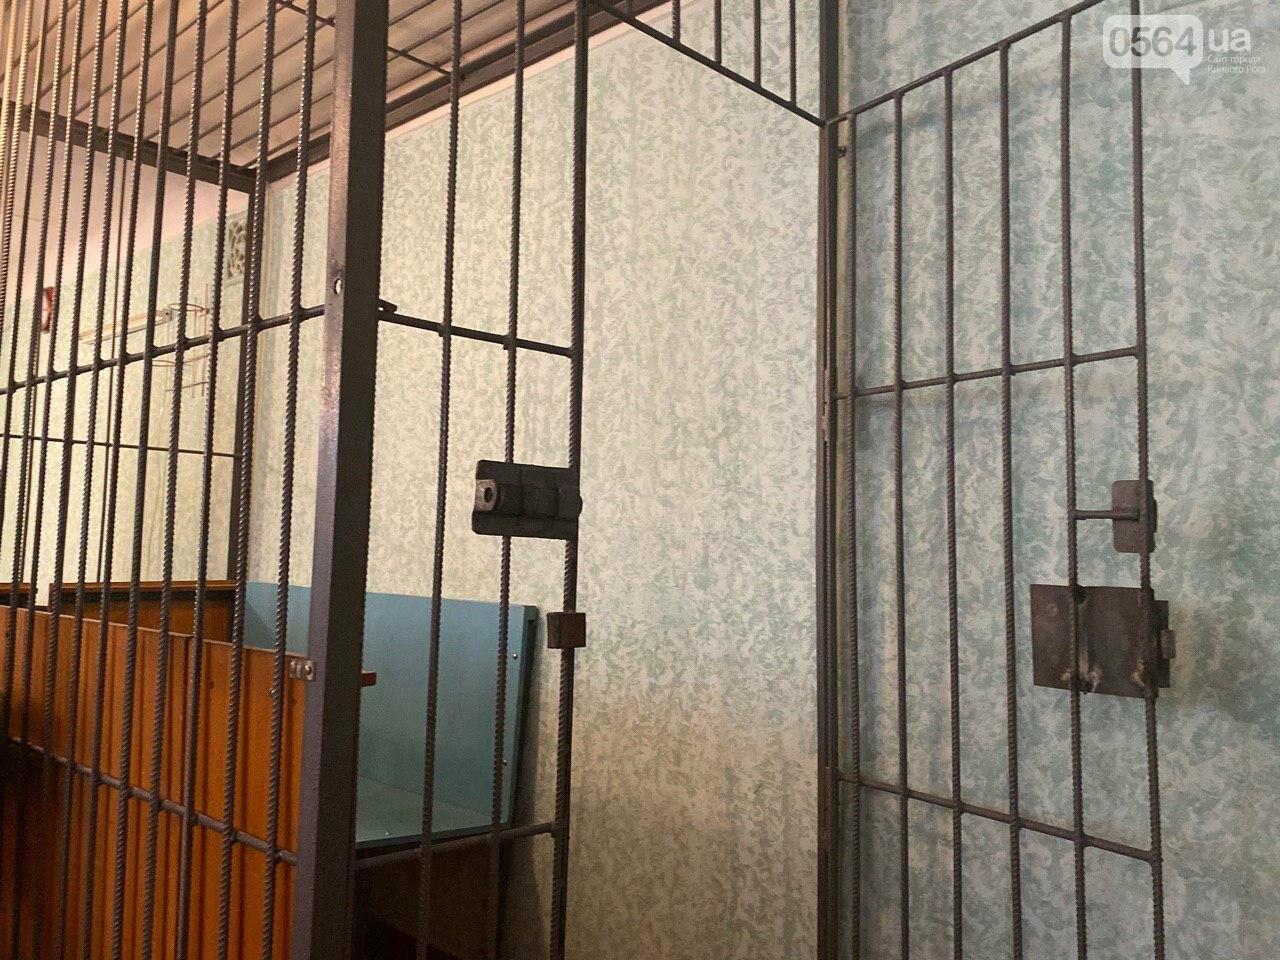 Нацгвардейца, исполосовавшего ножом таксиста в Кривом Роге, оставили под стражей еще на 2 месяца, - ФОТО , фото-8